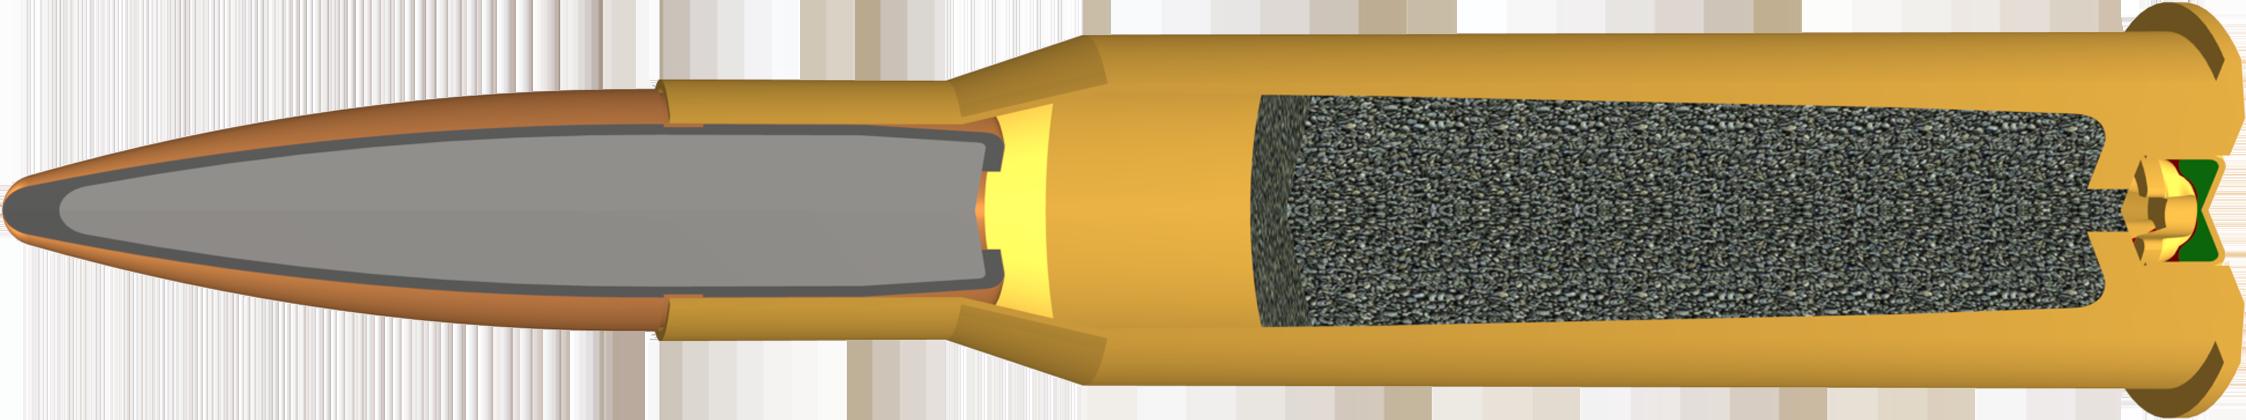 7.62 x 54R, 180 Grains Features